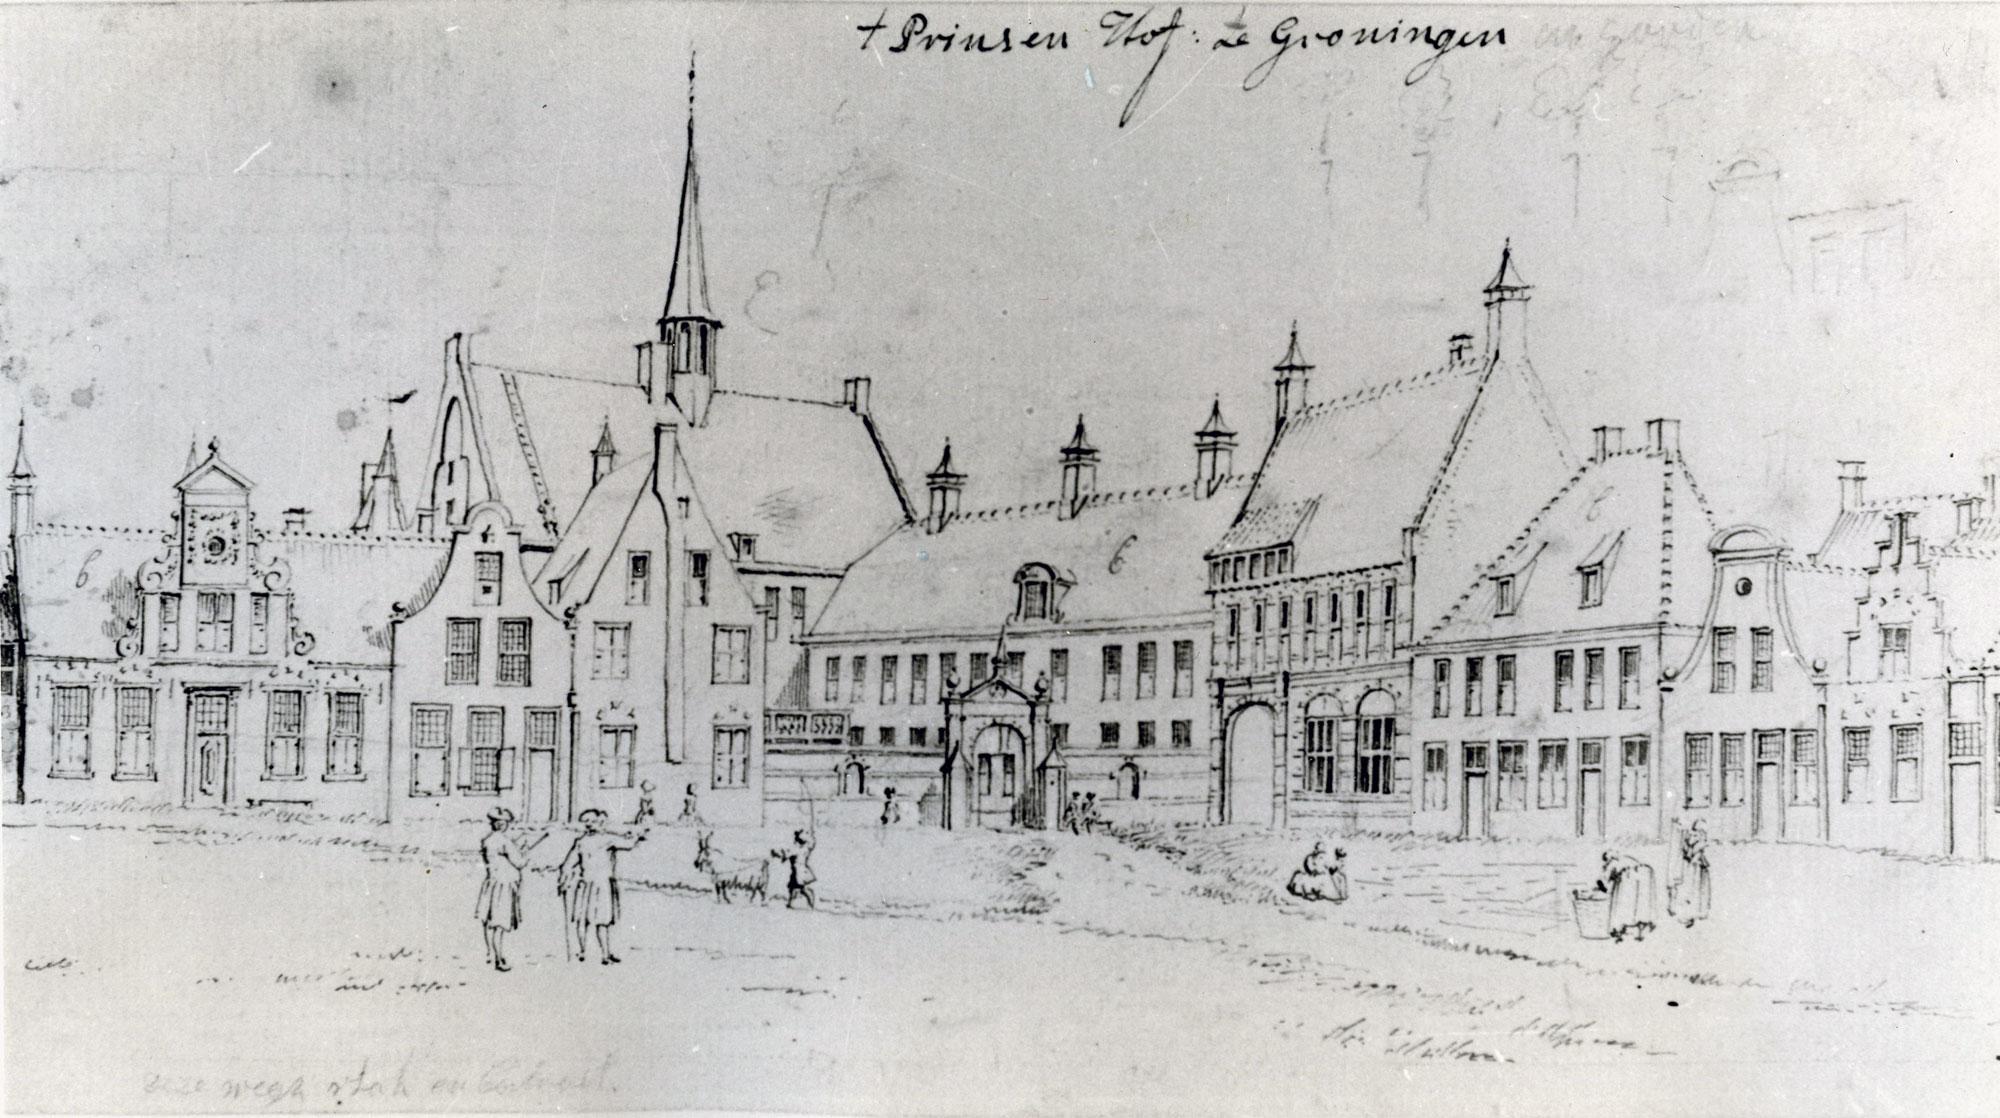 Hotel Prinsenhof 2